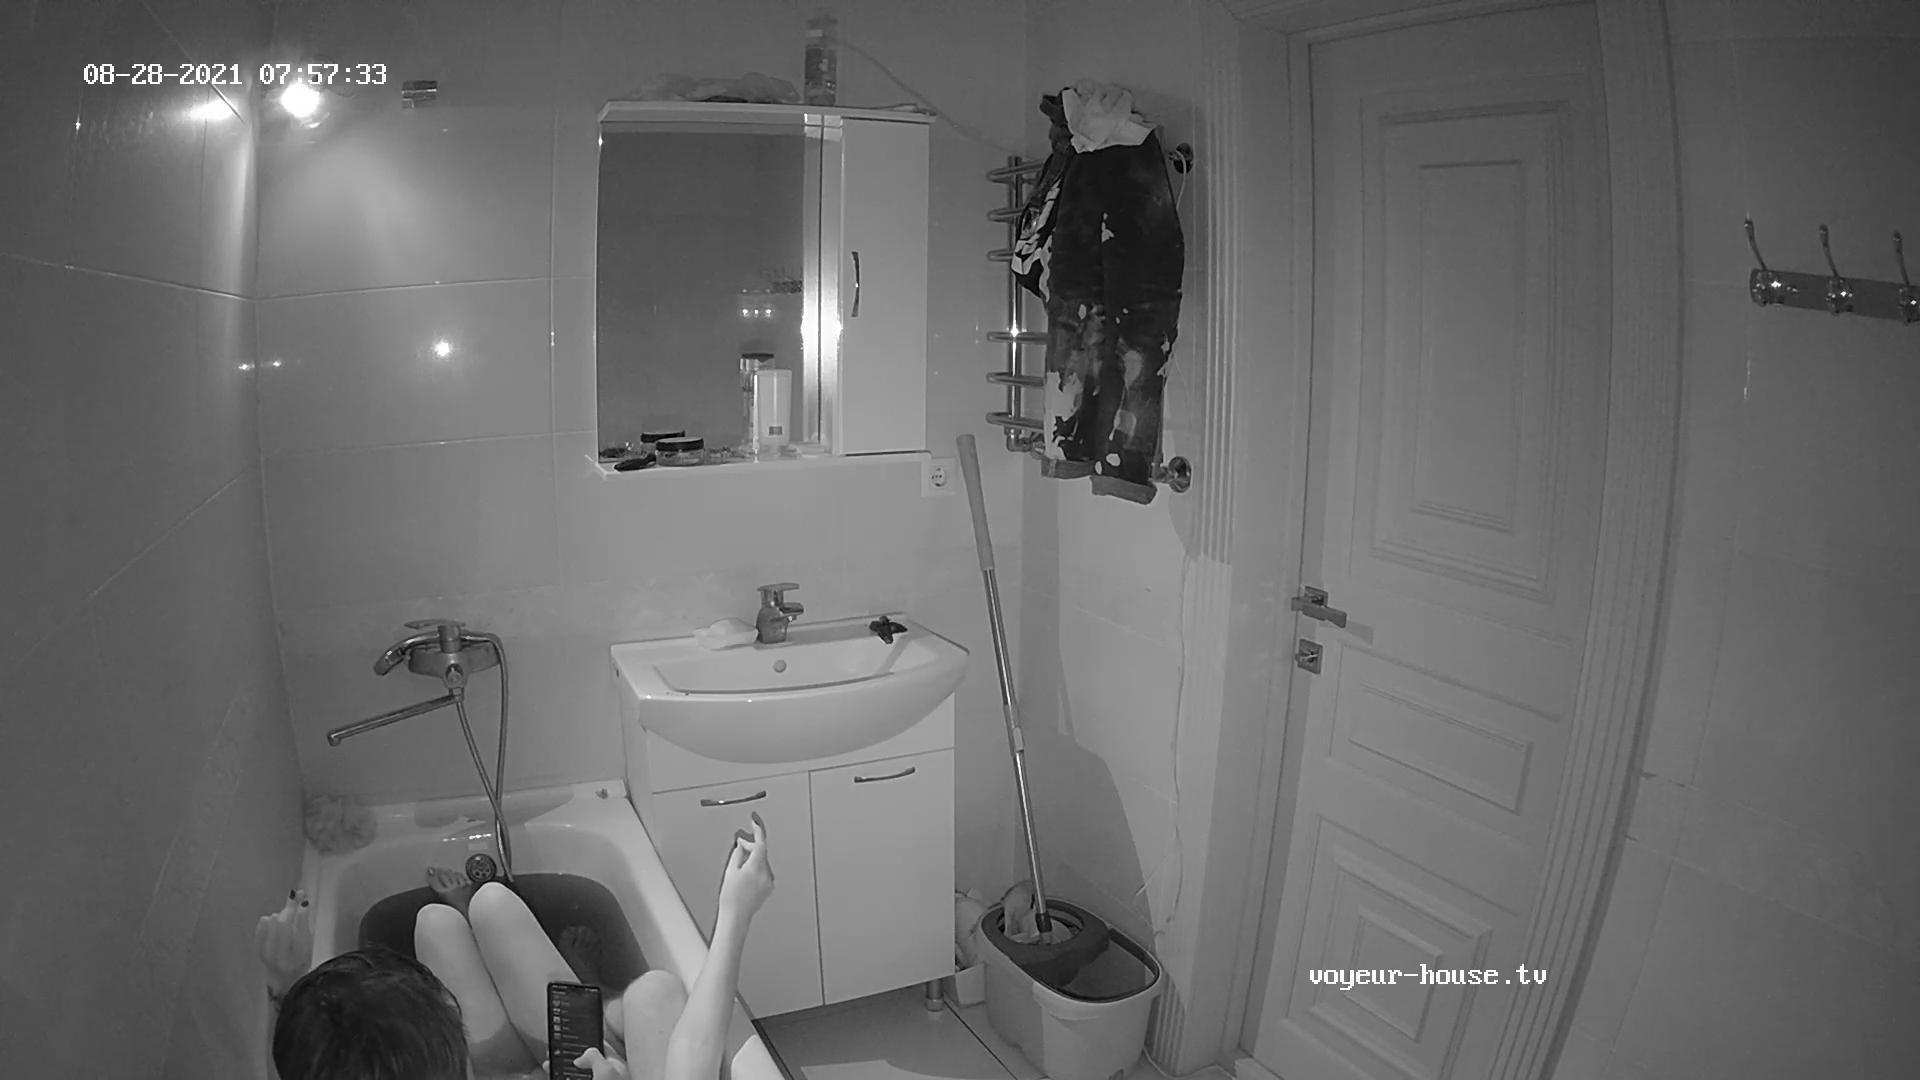 Artem Siora bath together 28 Aug 2021 cam 2